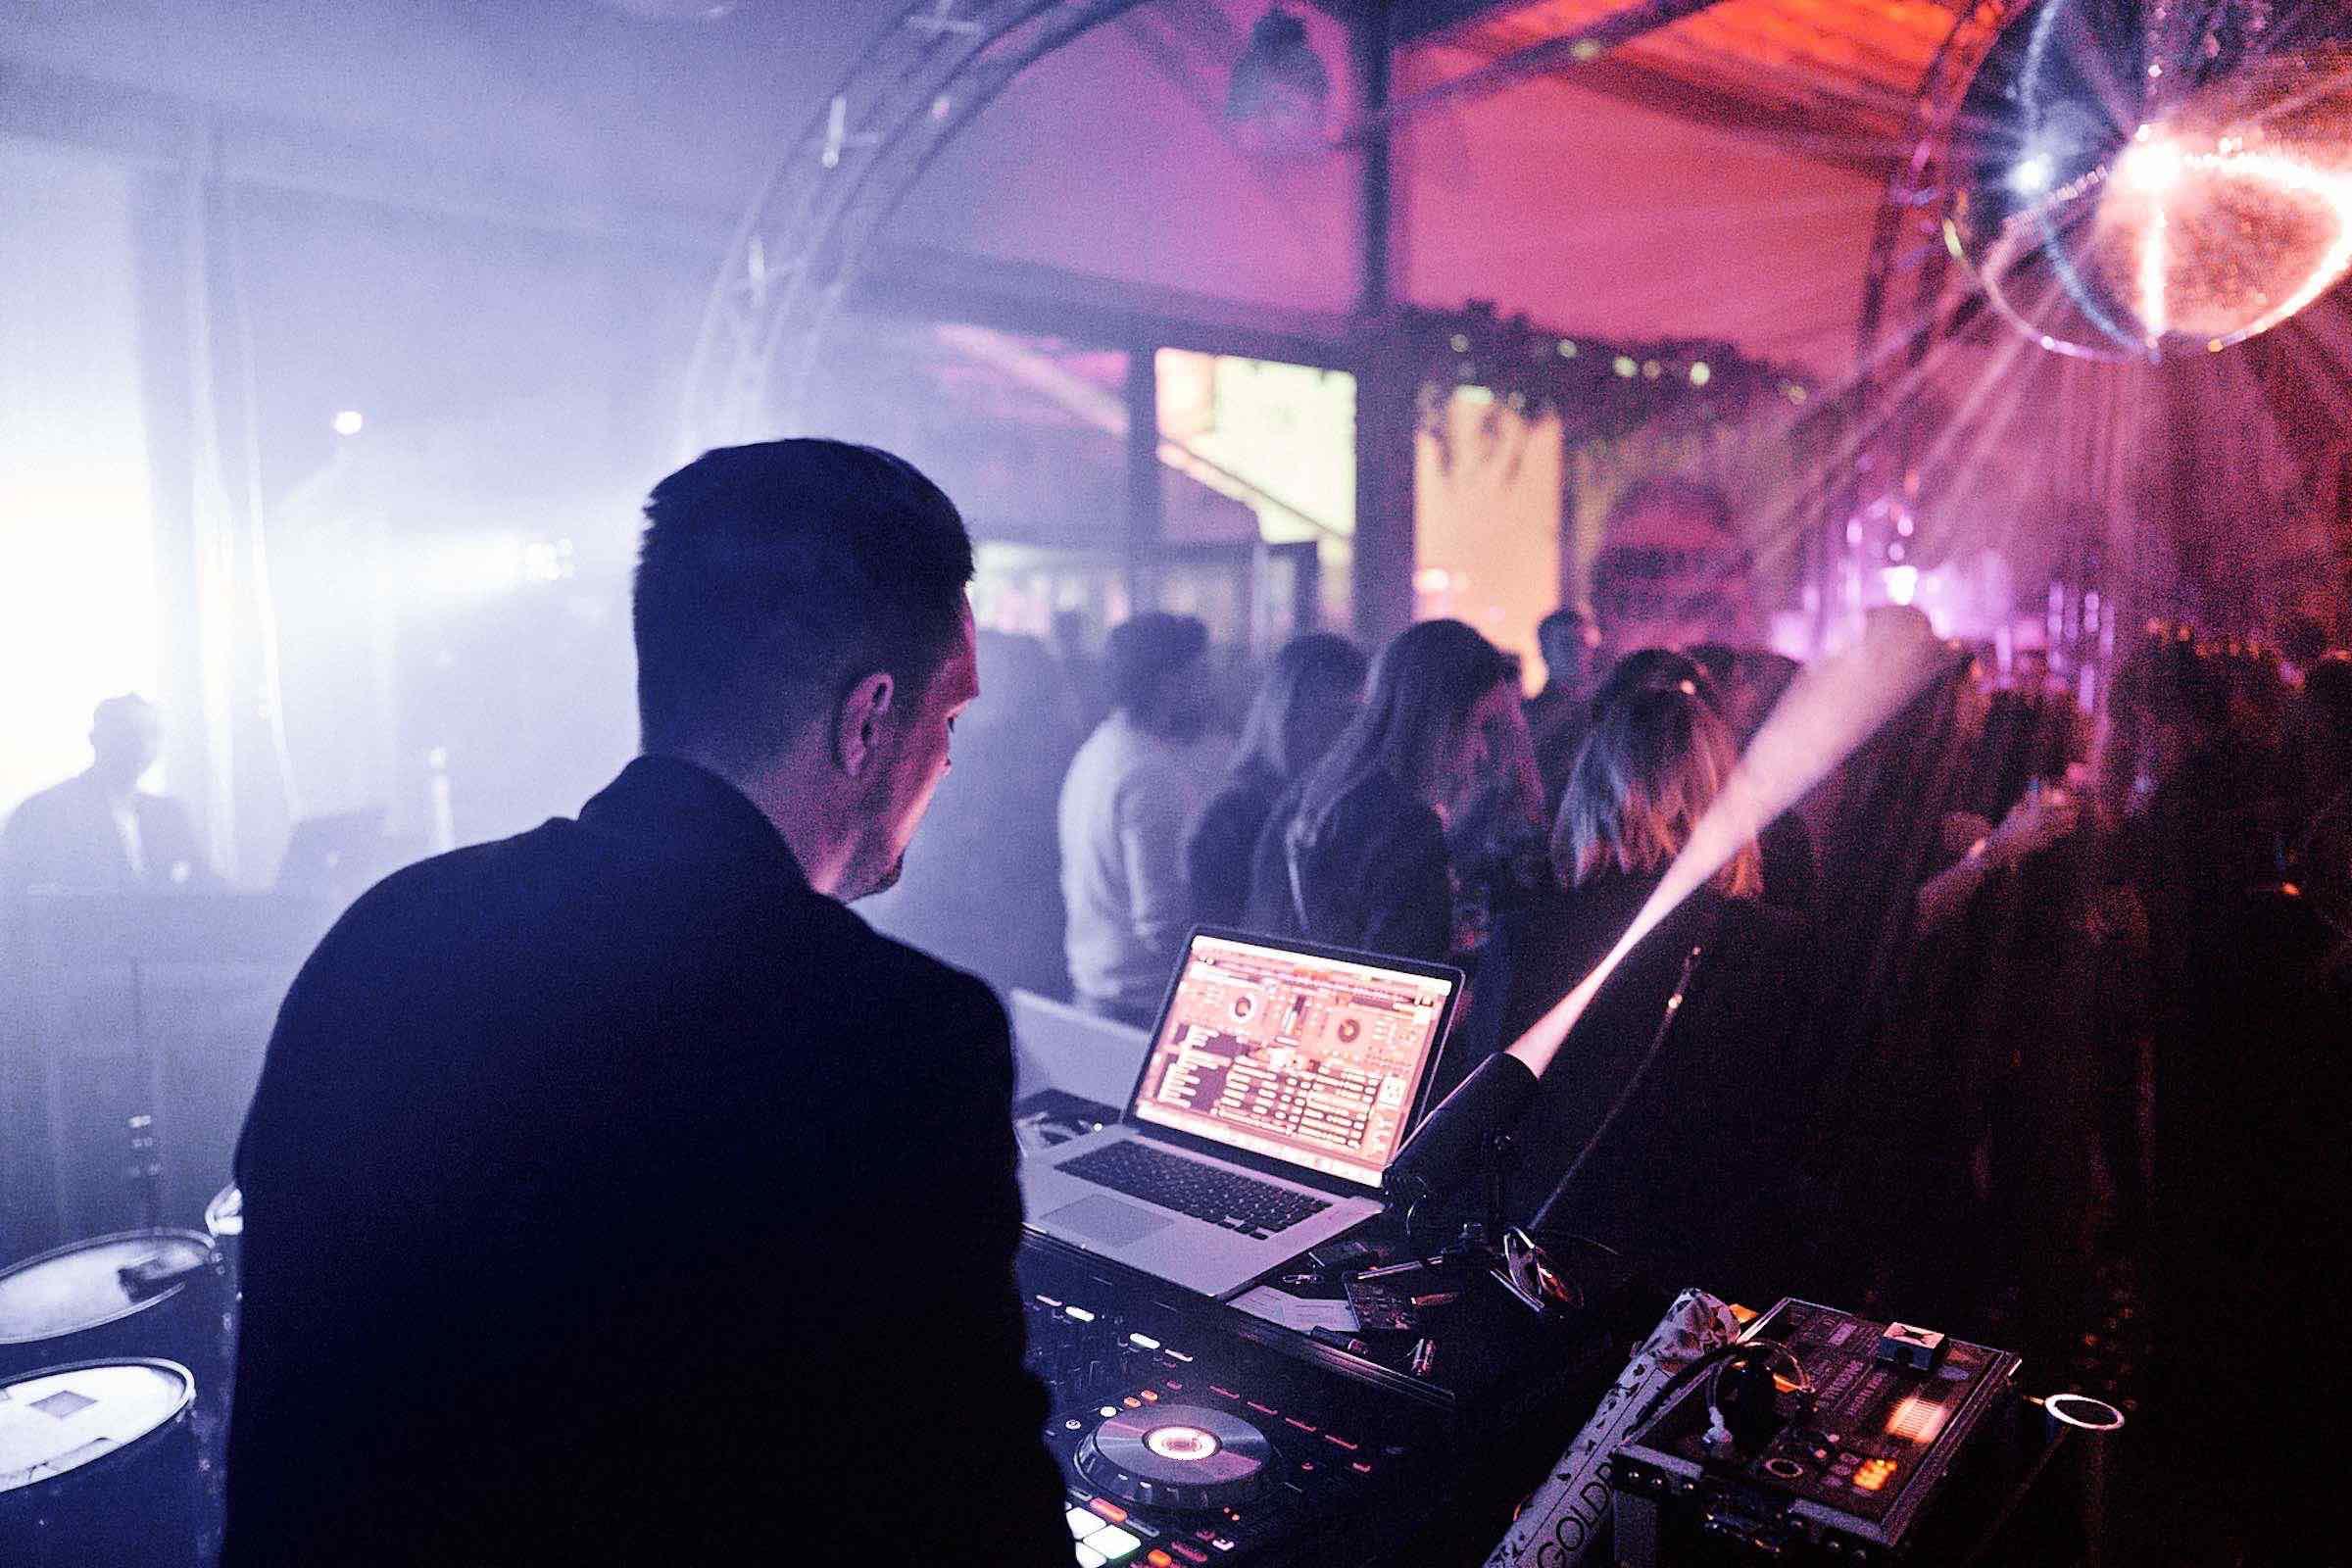 DJ   Hamburg   Hochzeit   DJ   Timm   Messe   DJ   Event   DJ   Geburtstag   DJ   Buchen   DJ   Hamburg   DJ   Mieten   Anfragen   DJ   Agentur   DJ   Service   Hamburgfeiert